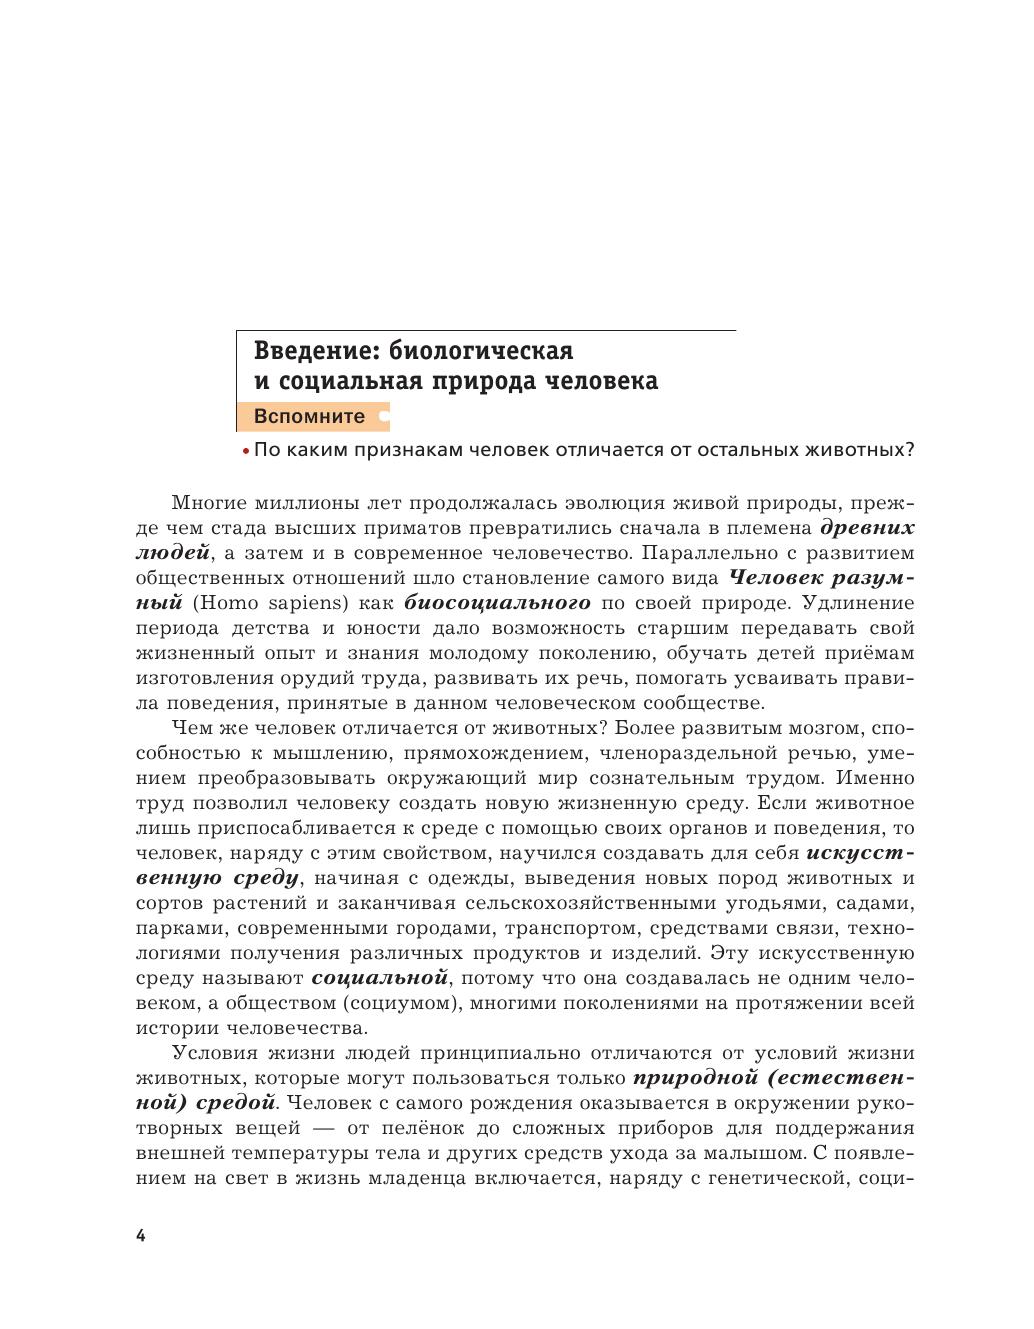 Биология а.г.драгомилова р.д.маш гдз 8 классответы в конце порагрофа